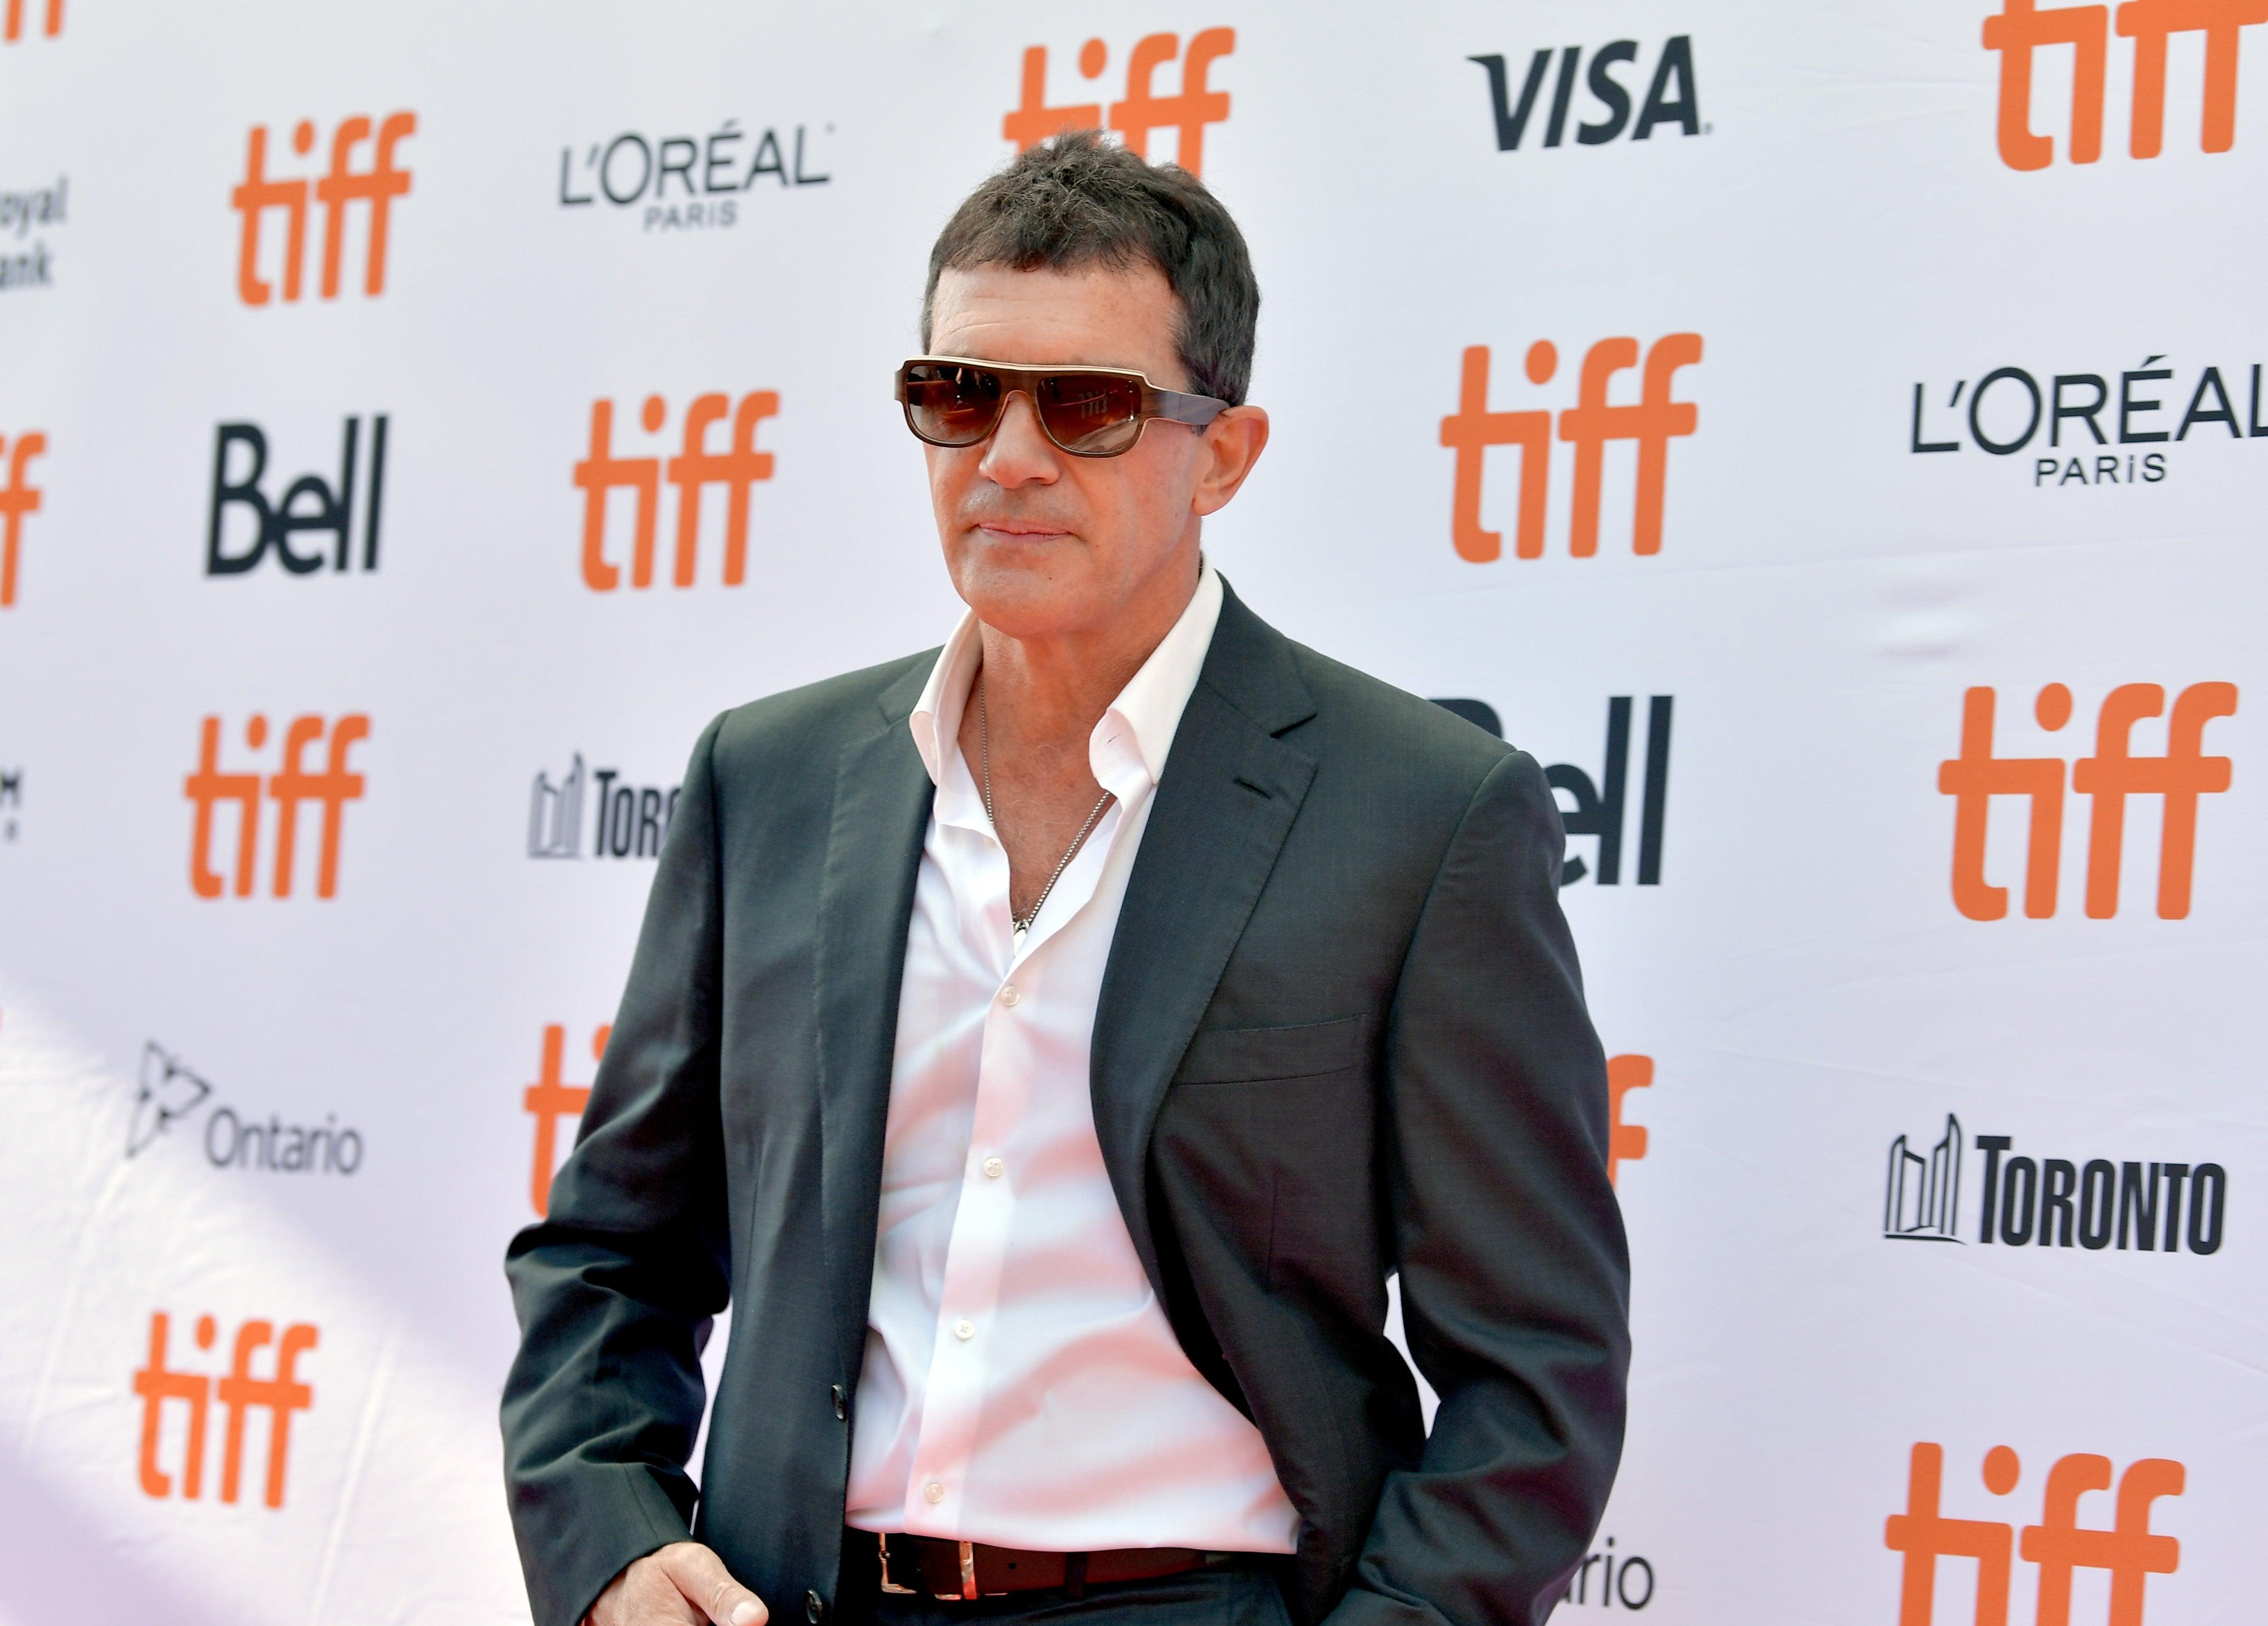 Actor Antonio Banderas, Golden Globe nominee, at TIFF 2019